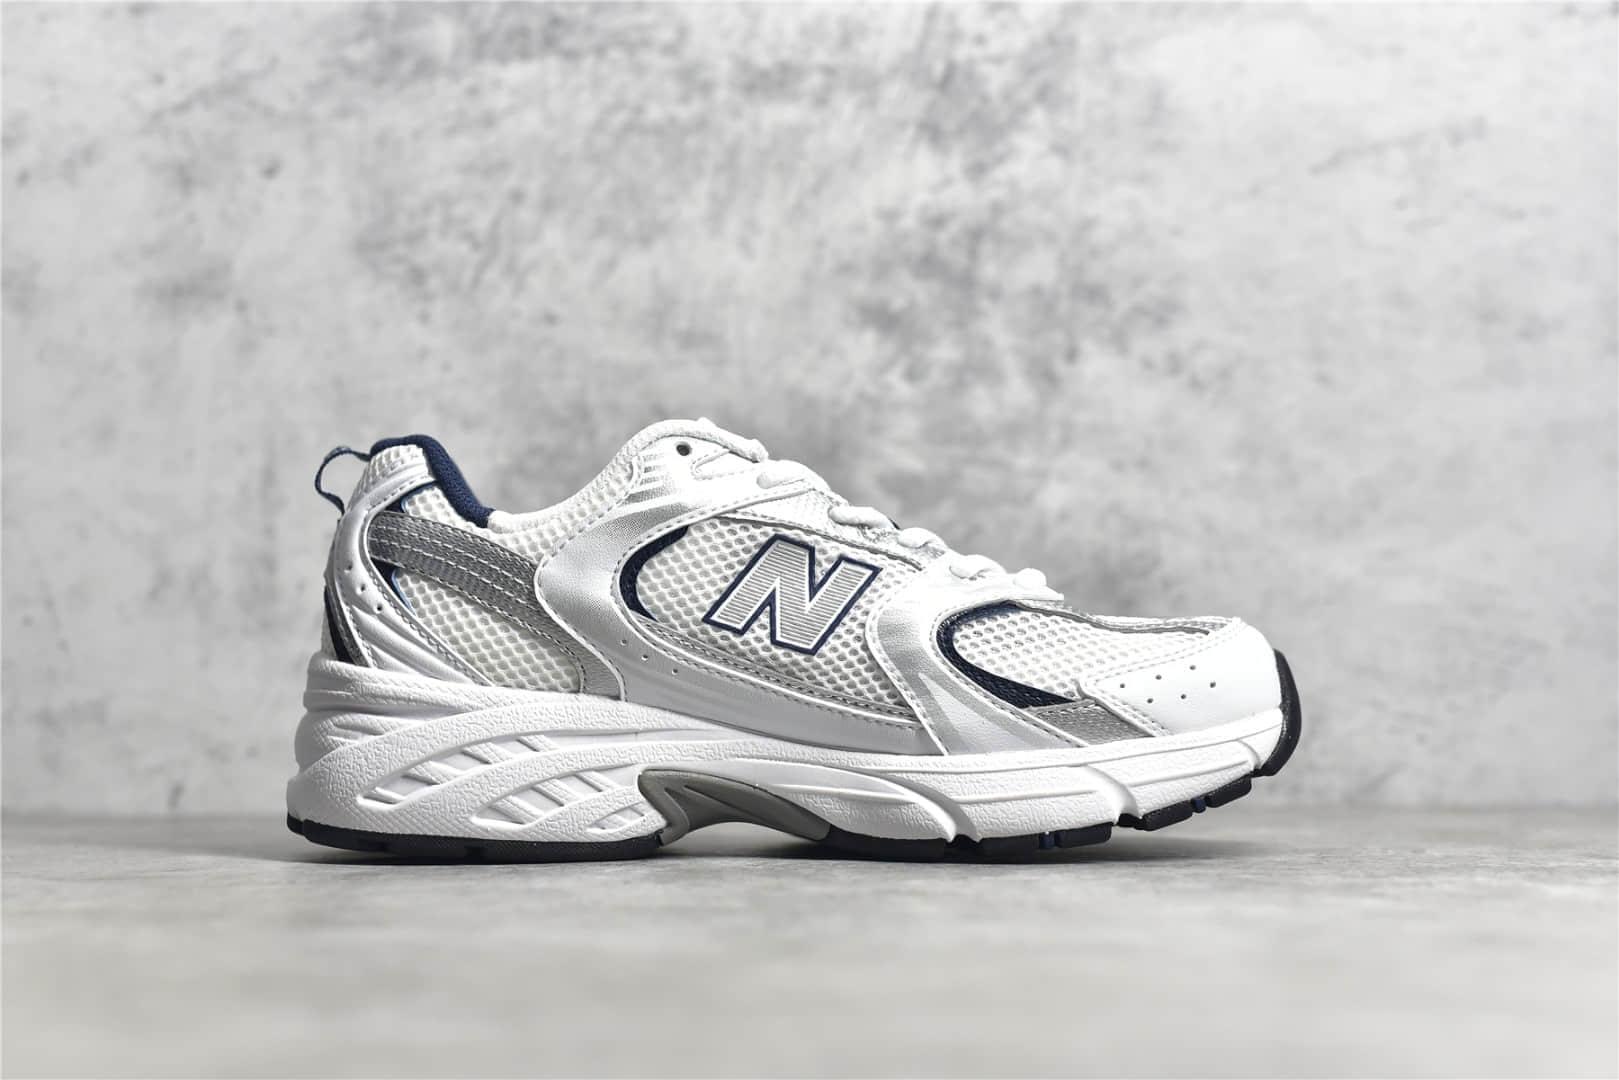 新百伦530纯原版本 NB530 New Balance 530 新百伦530白色顶级复刻 原厂材料莆田新百伦 货号:MR530SG-潮流者之家